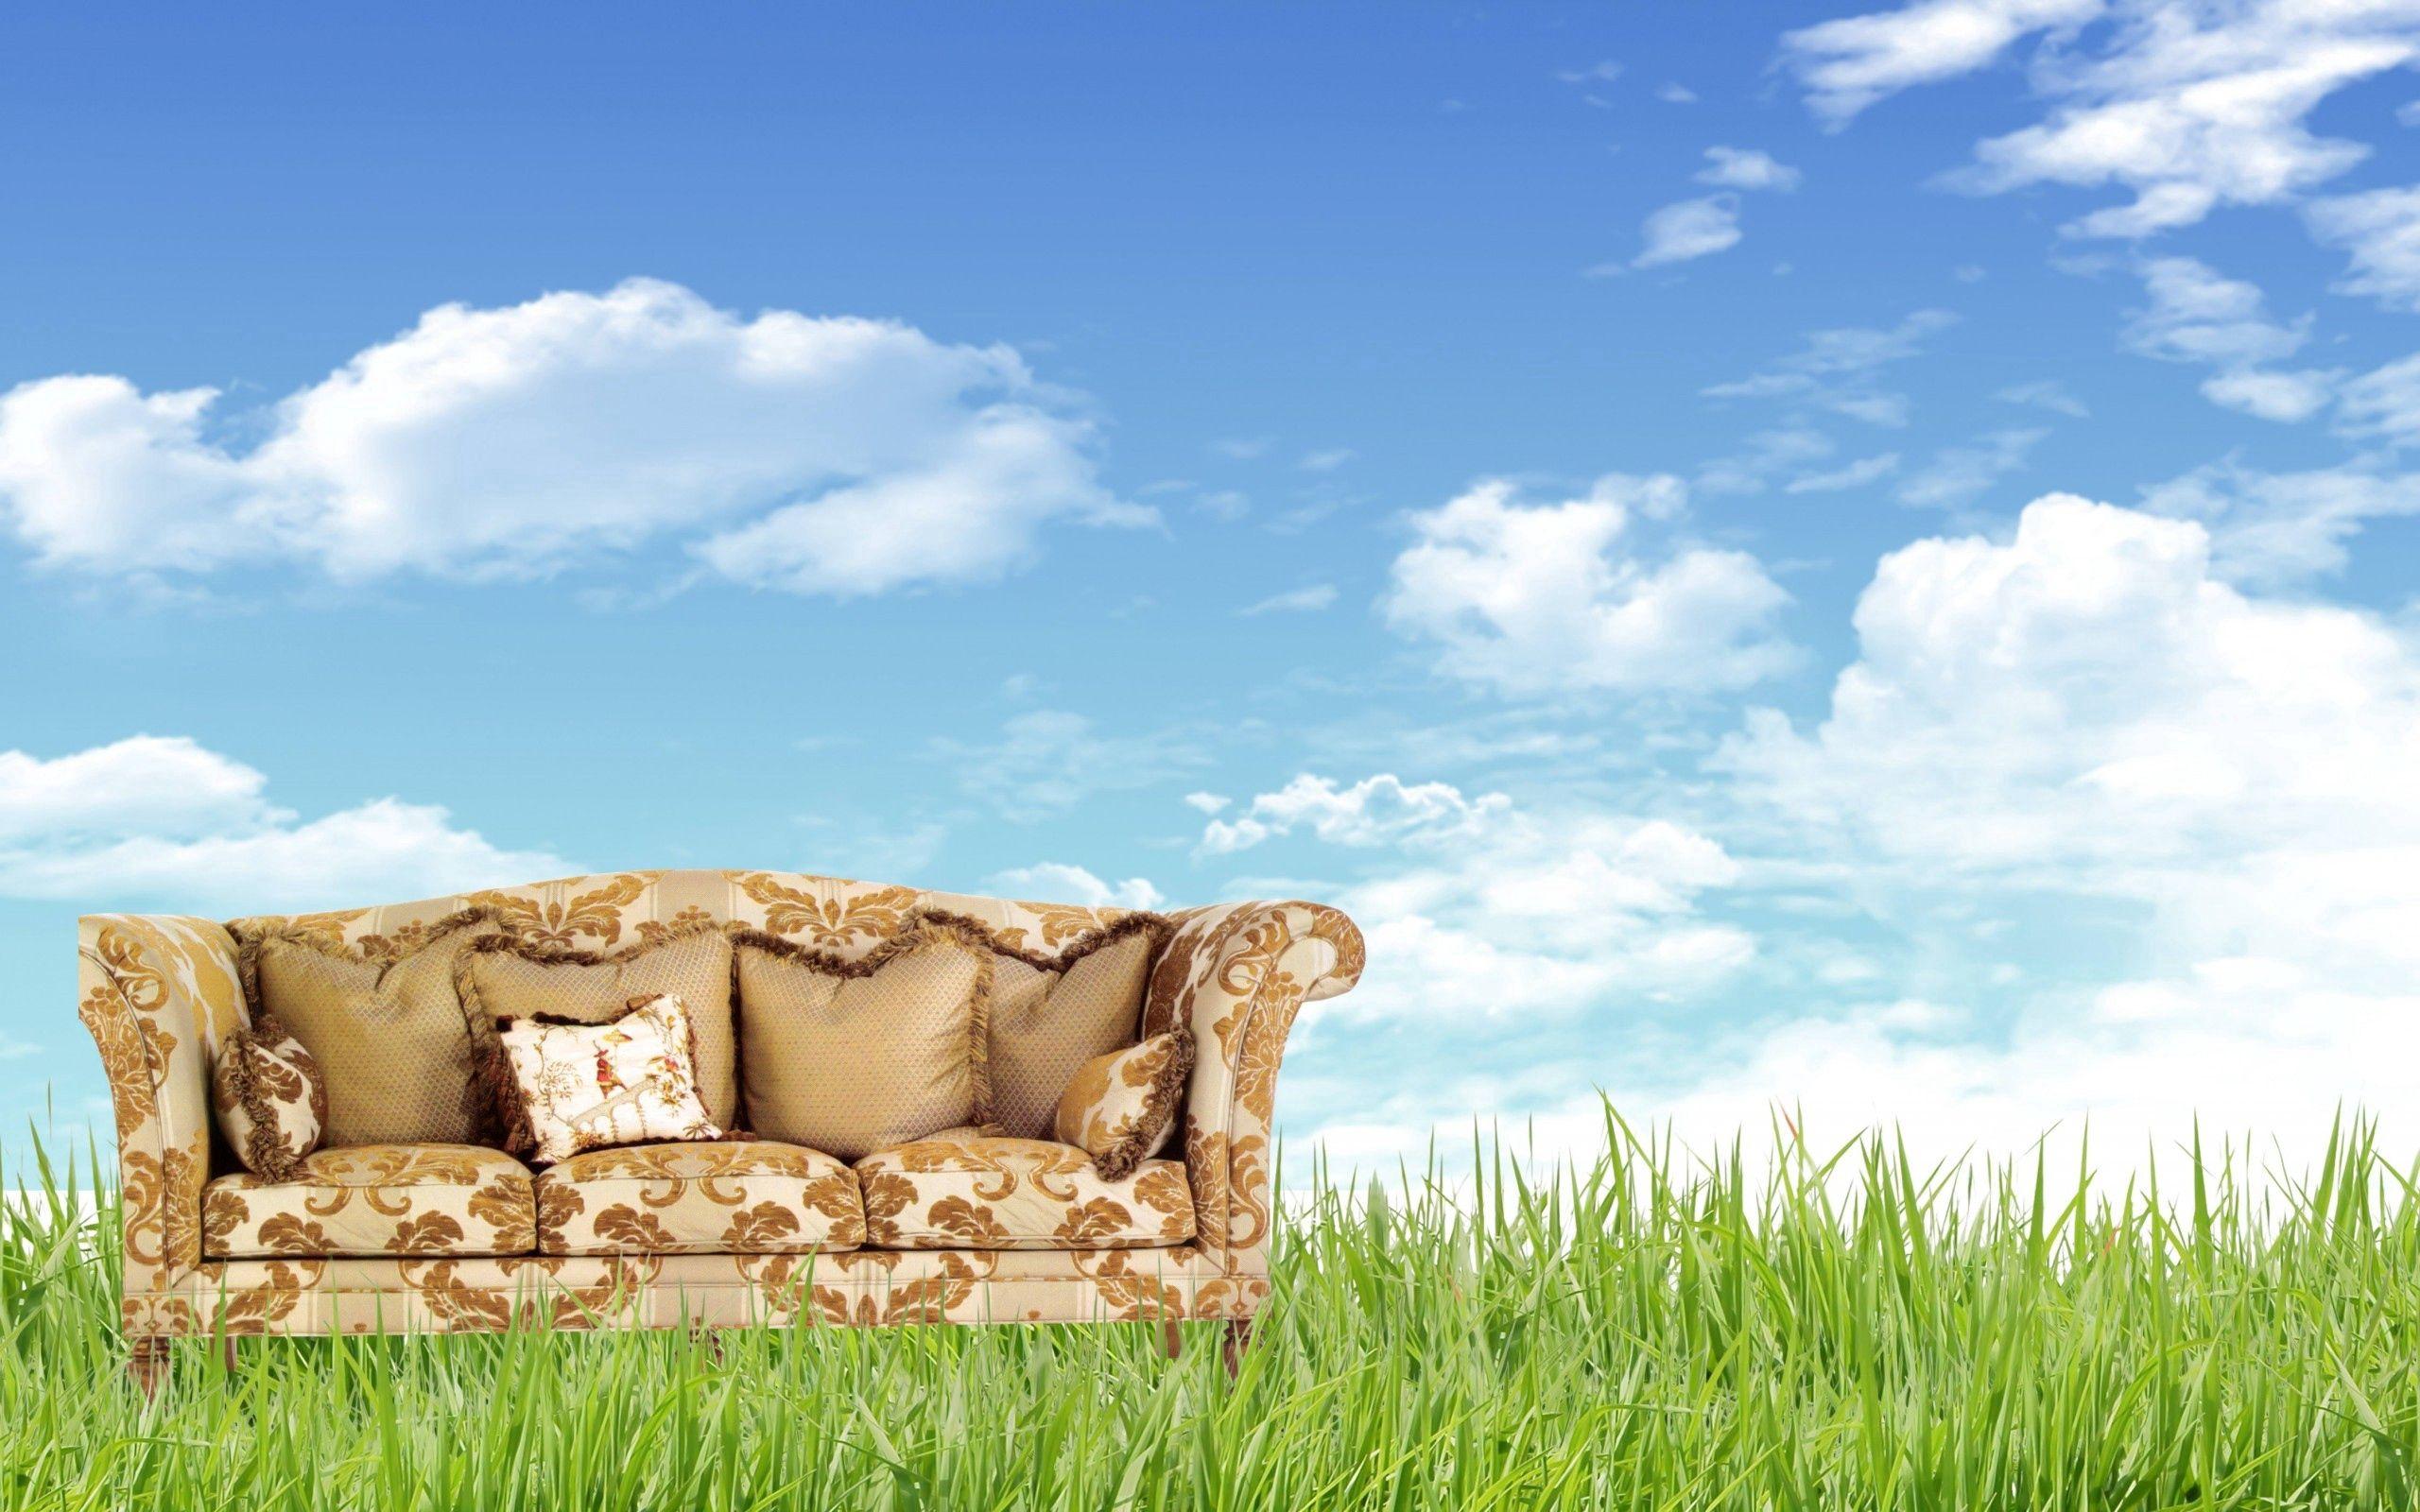 104434 скачать обои Разное, Диван, Трава, Природа, Мебель - заставки и картинки бесплатно